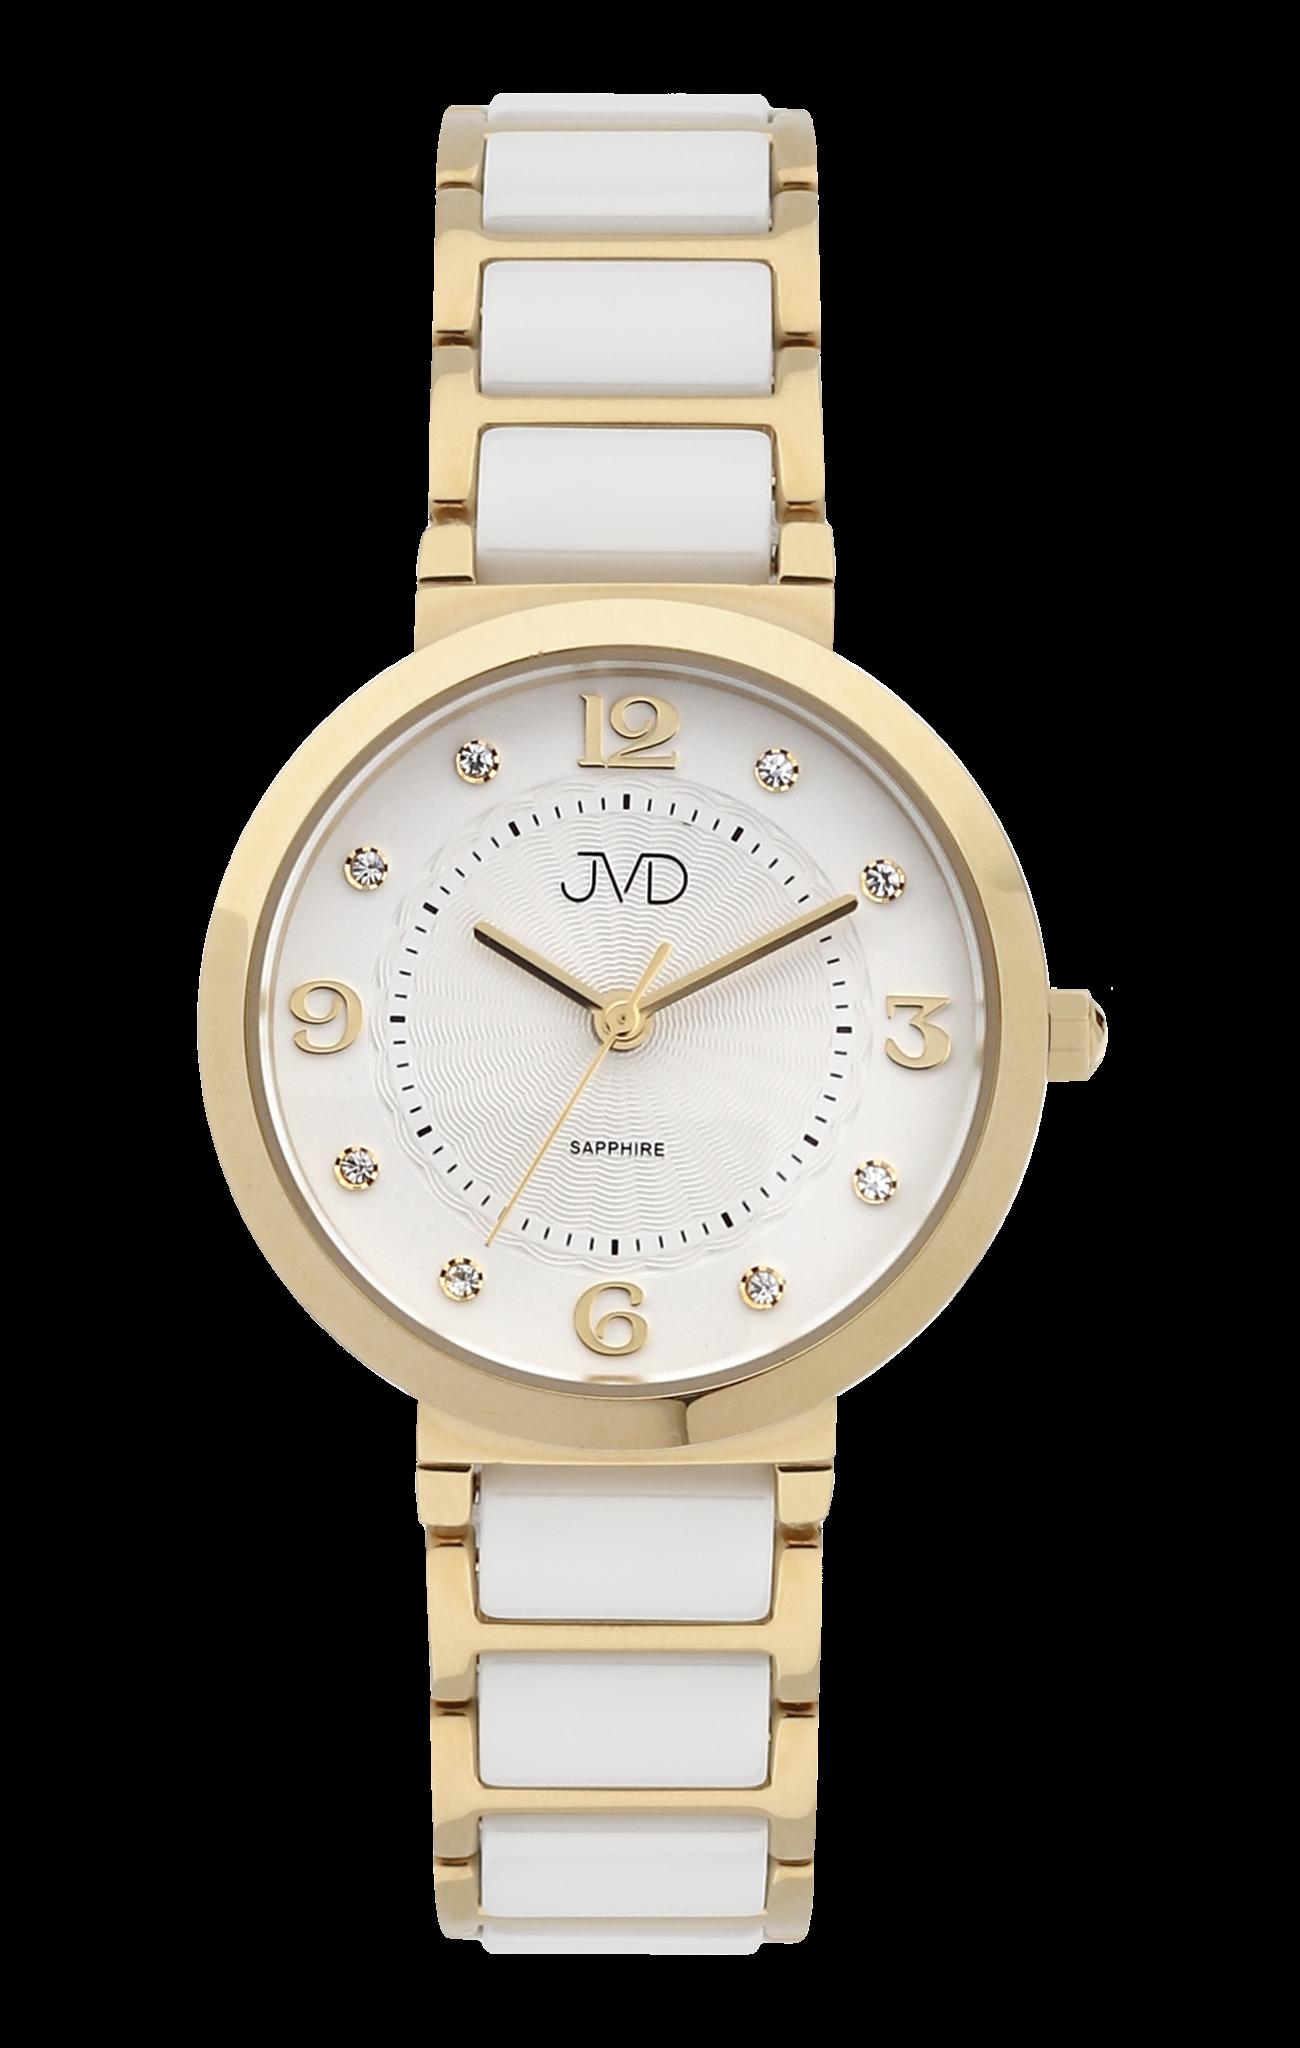 Dámské náramkové hodinky JVD JG1004.3 se safírovým sklem a keramickými  prvky (POŠTOVNÉ ZDARMA dd8112f85dd